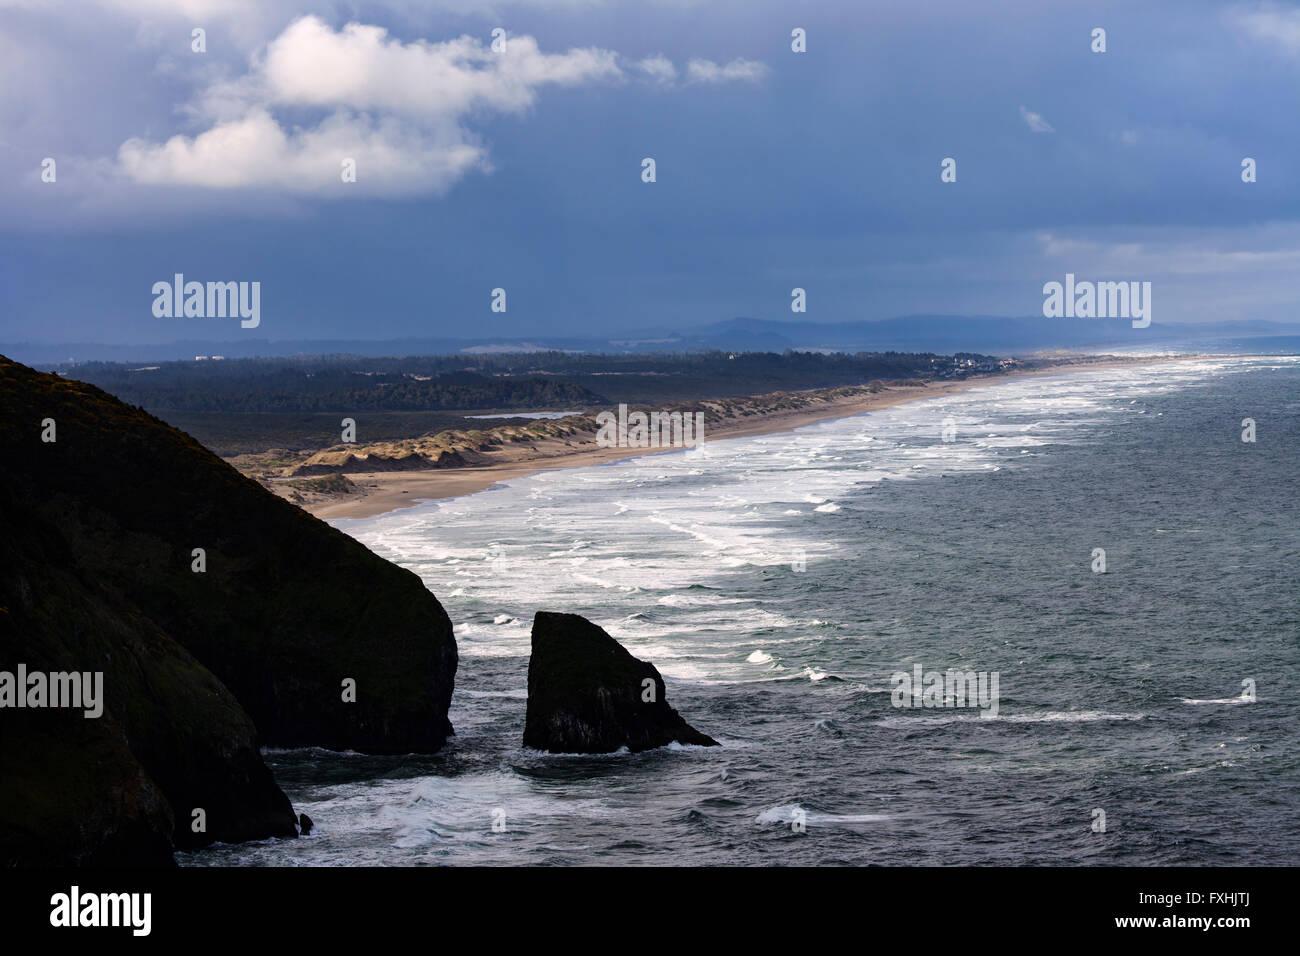 Sanddünen Treffen des Pazifischen Ozeans in der Nähe der Coastside Florenz Küste Oregons. Stockbild